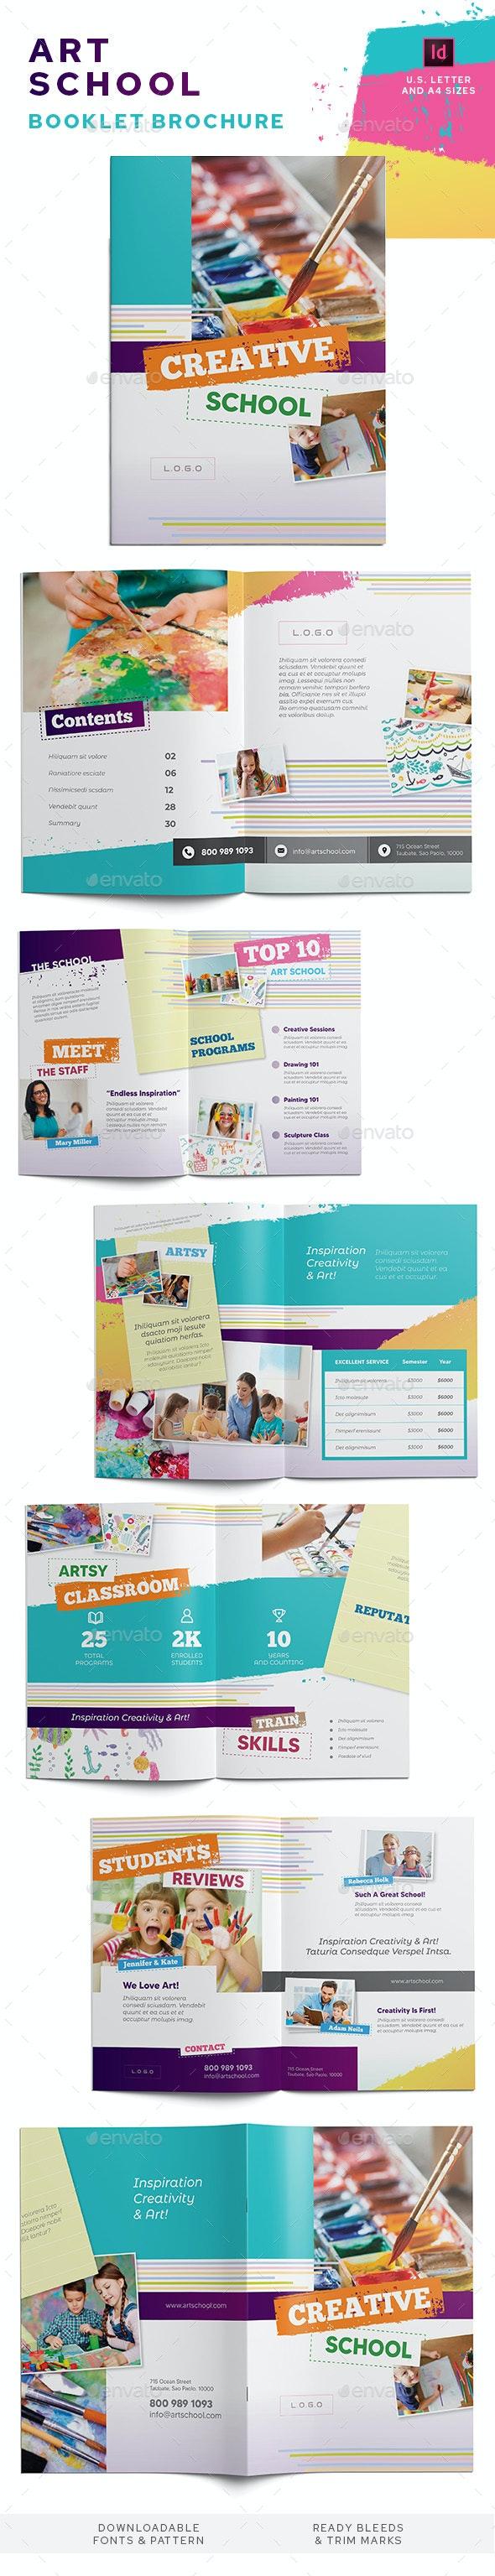 Art School Information Booklet - Informational Brochures